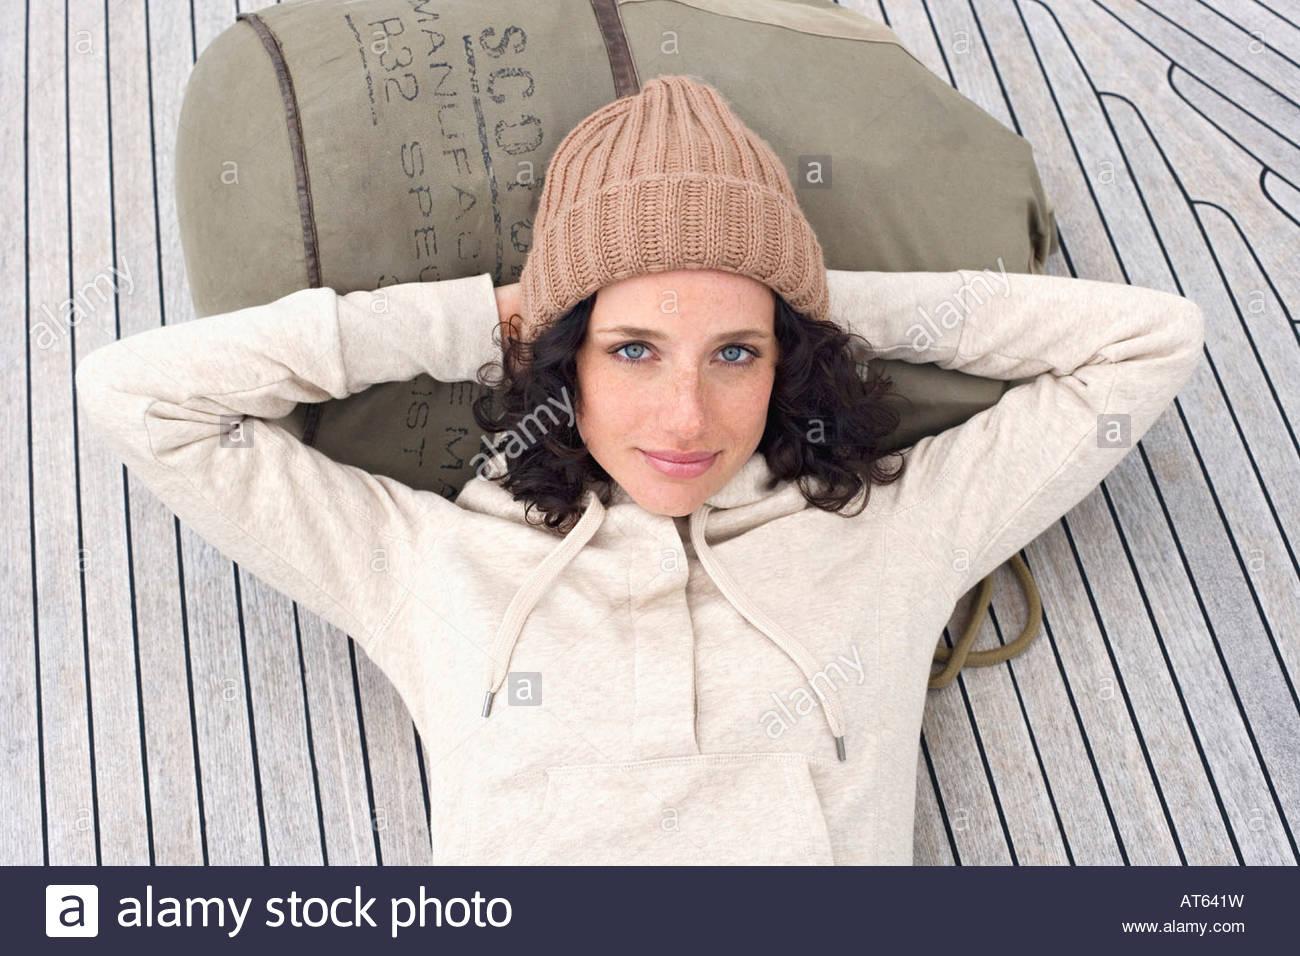 Deutschland, Ostsee, Lübecker Bucht, Portrait einer jungen Frau liegend auf dem Deck der Yacht, Lächeln Stockbild